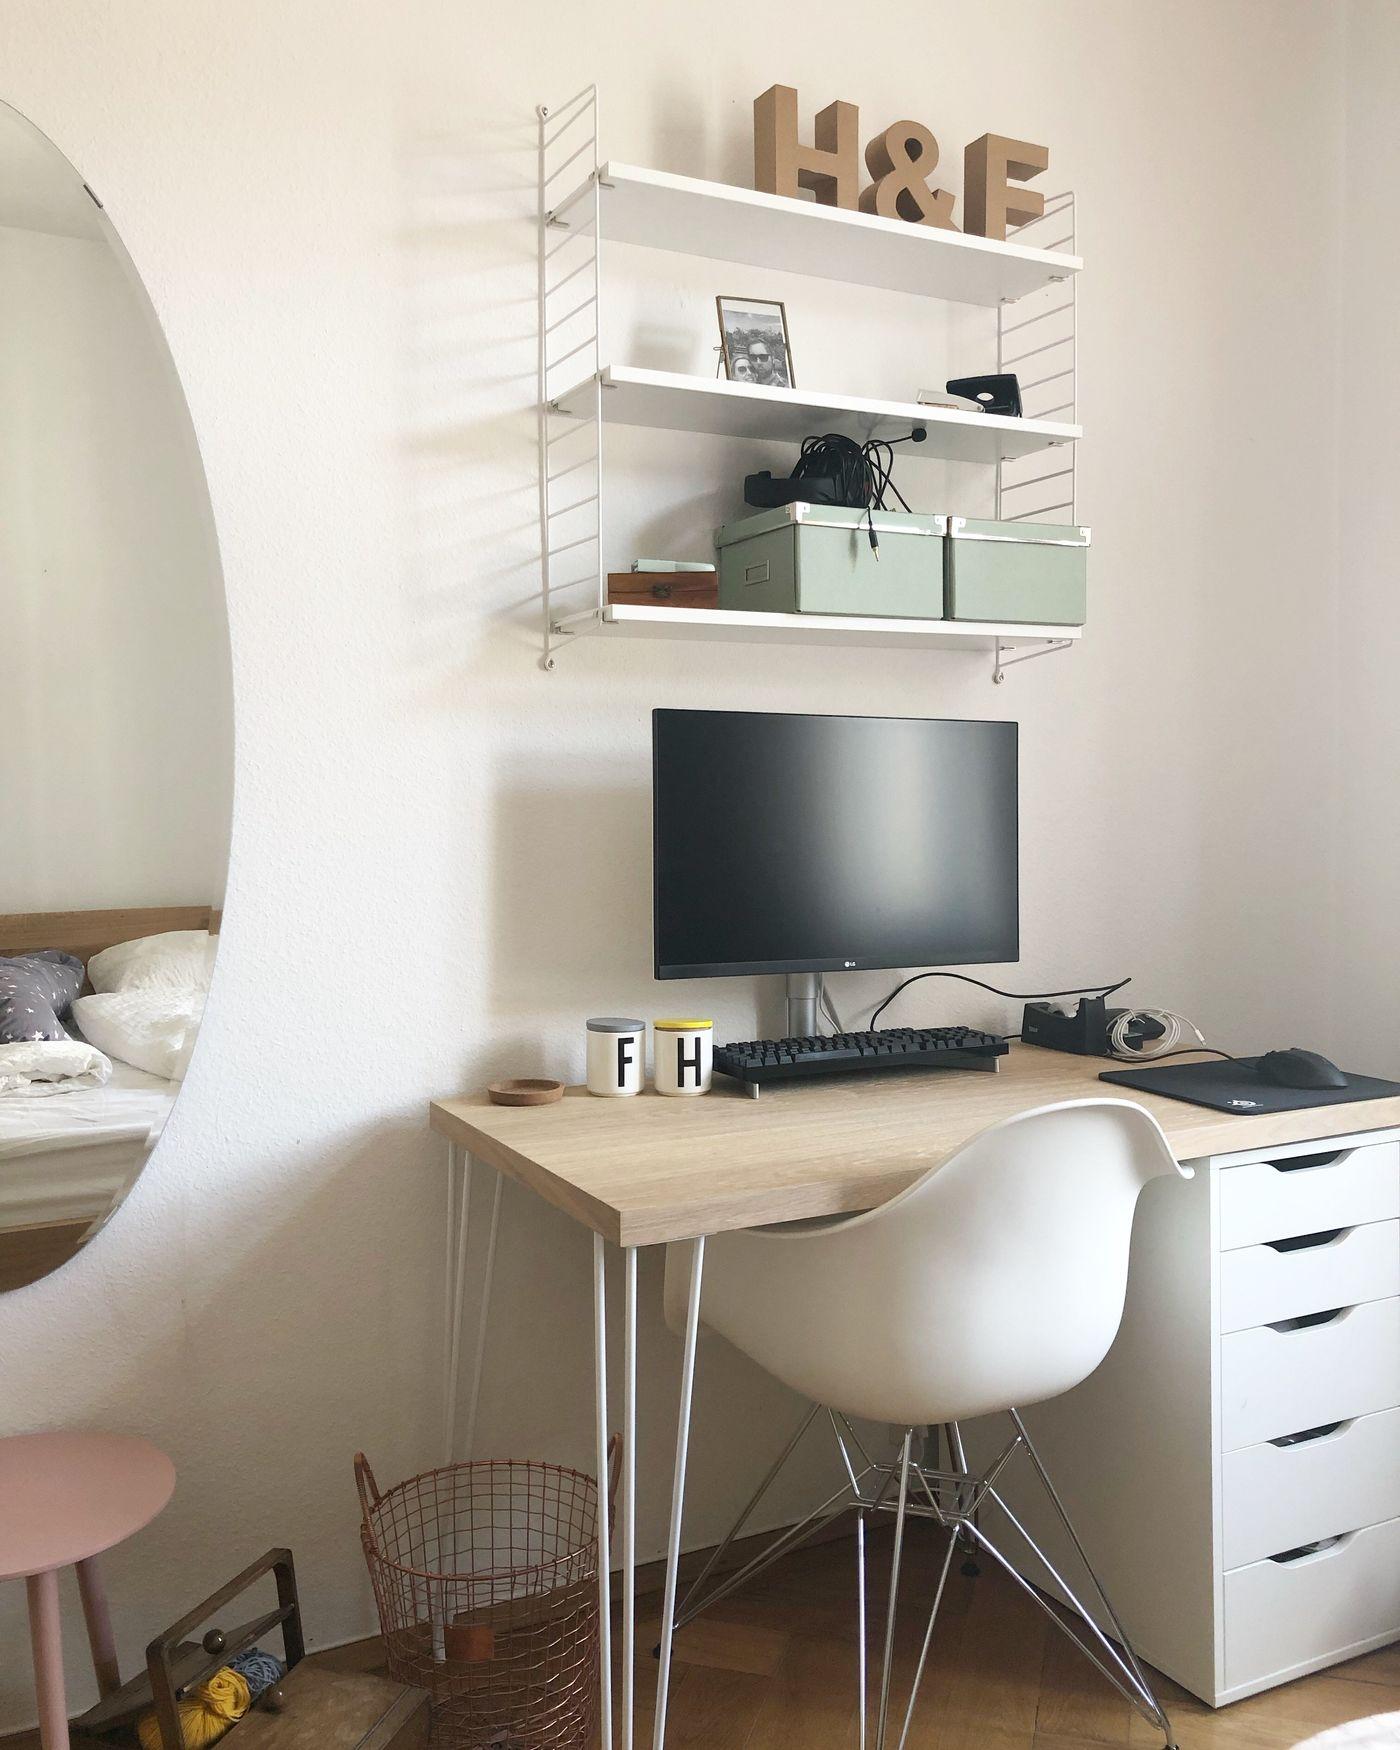 Schlafzimmer: Ideen zum Einrichten & Gestalten - Seite 18